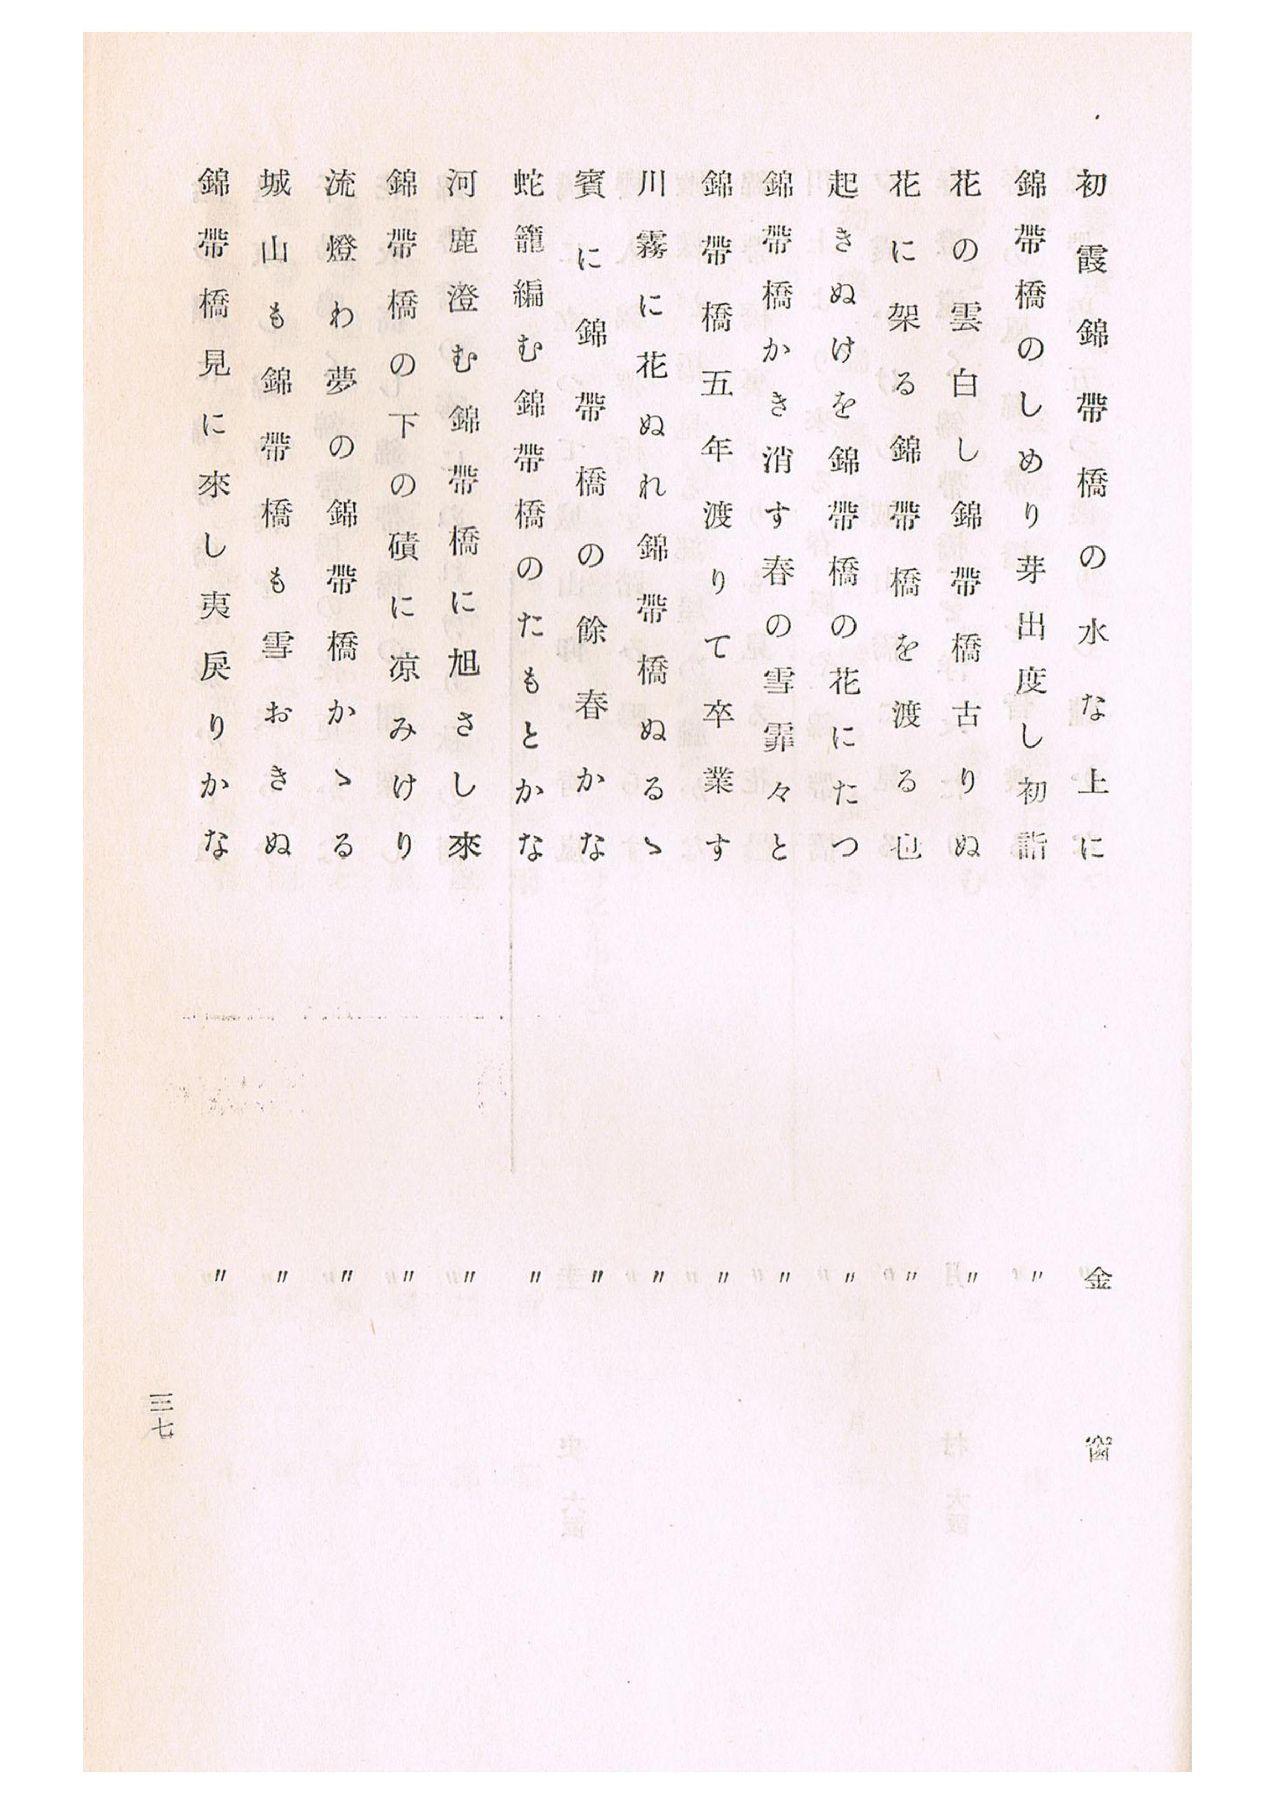 錦帯橋諷詠 俳句